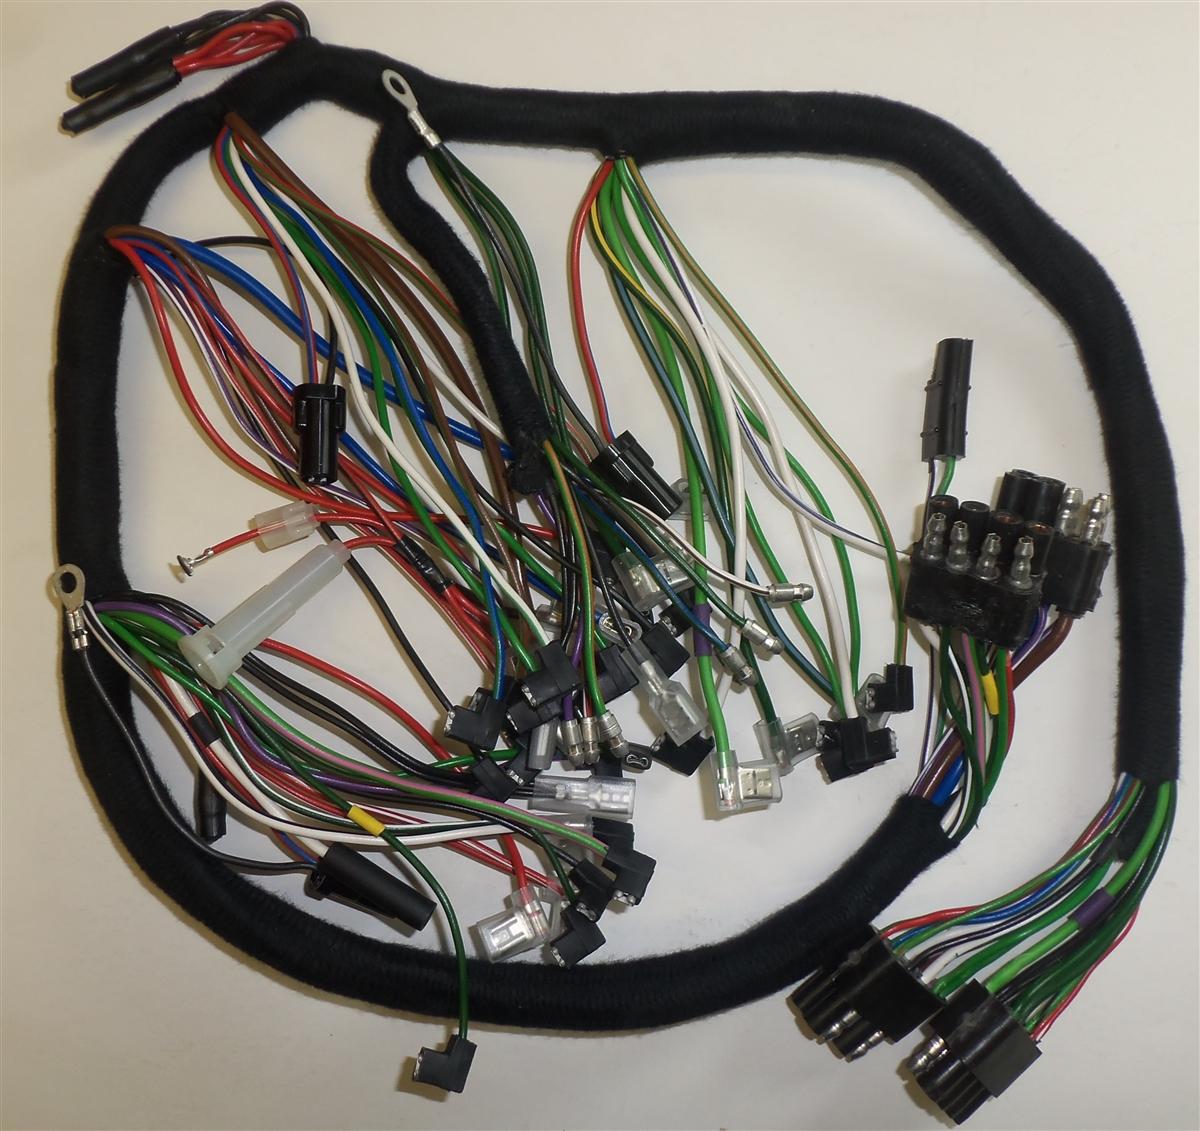 dash harness, series 1 jaguar xj6 (xj6154)